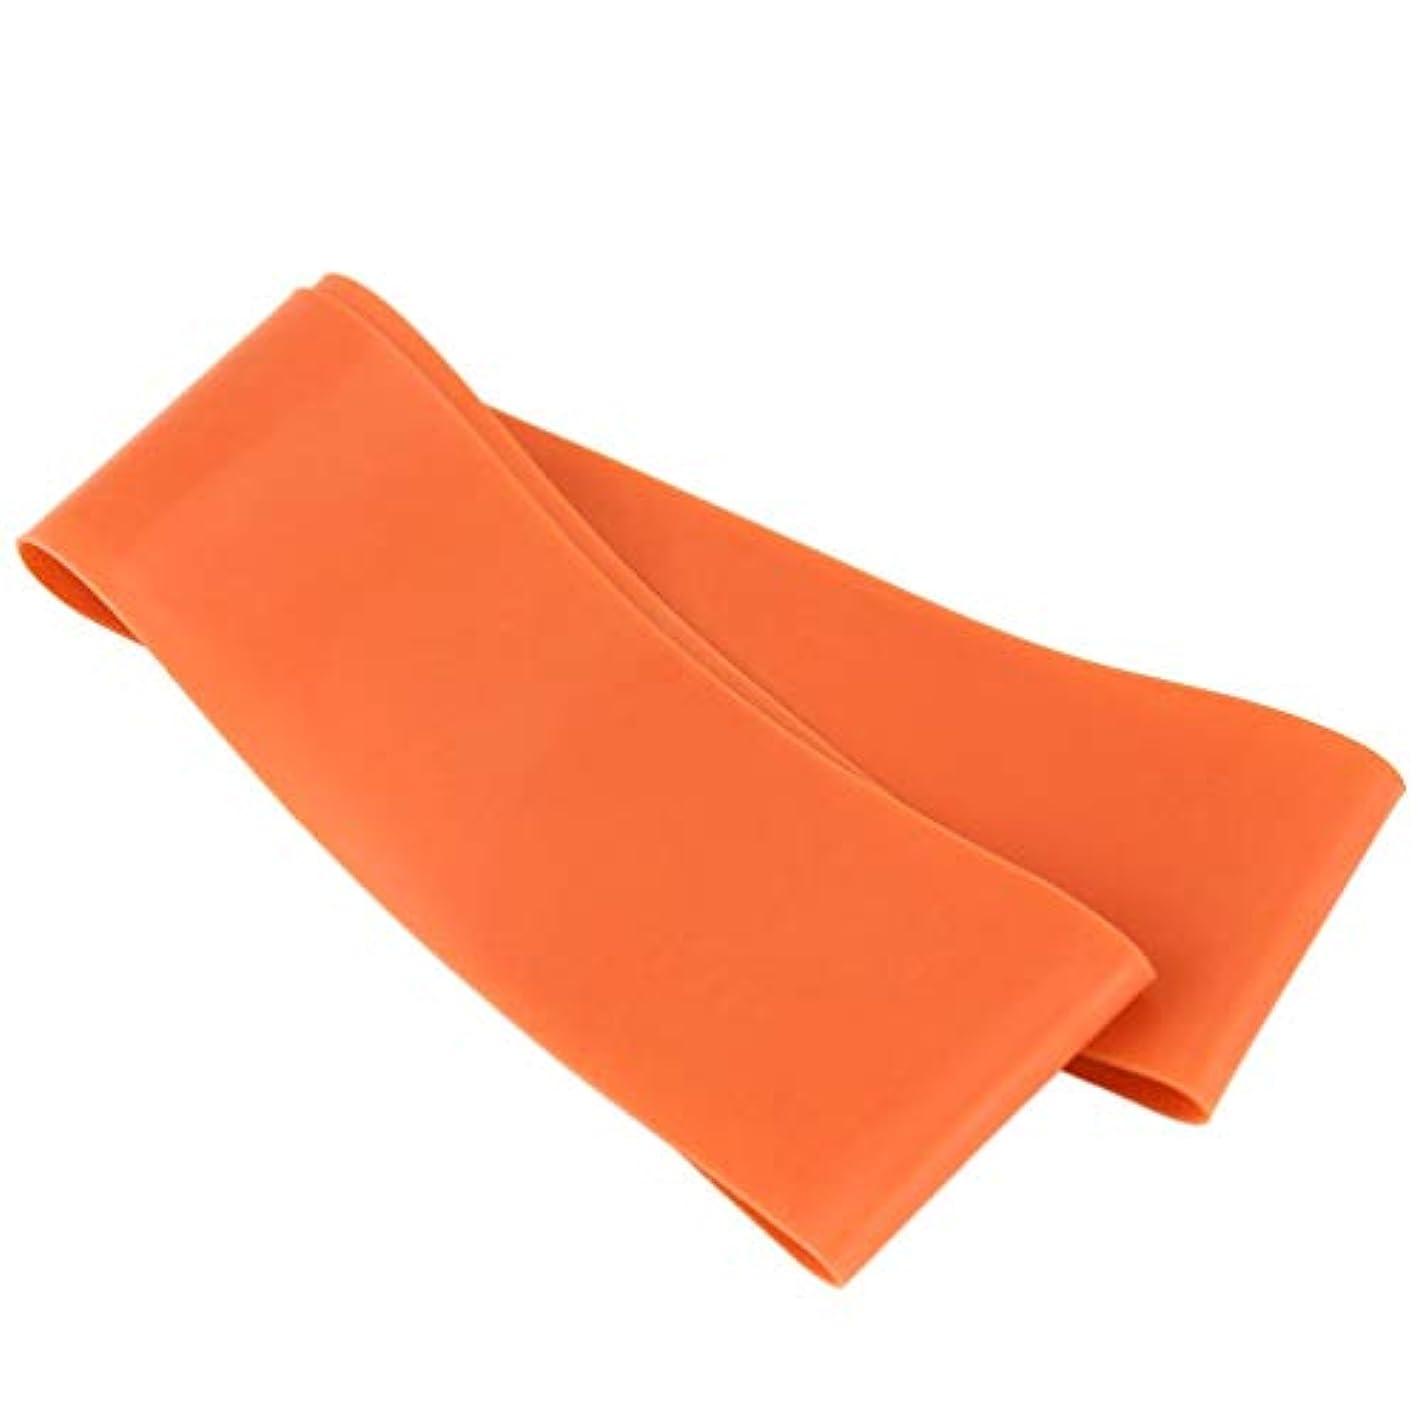 危険にさらされている遺跡症状滑り止めの伸縮性のあるゴム製伸縮性がある伸縮性があるヨガベルトバンド引きロープの張力抵抗バンドループ強度のためのフィットネスヨガツール - オレンジ